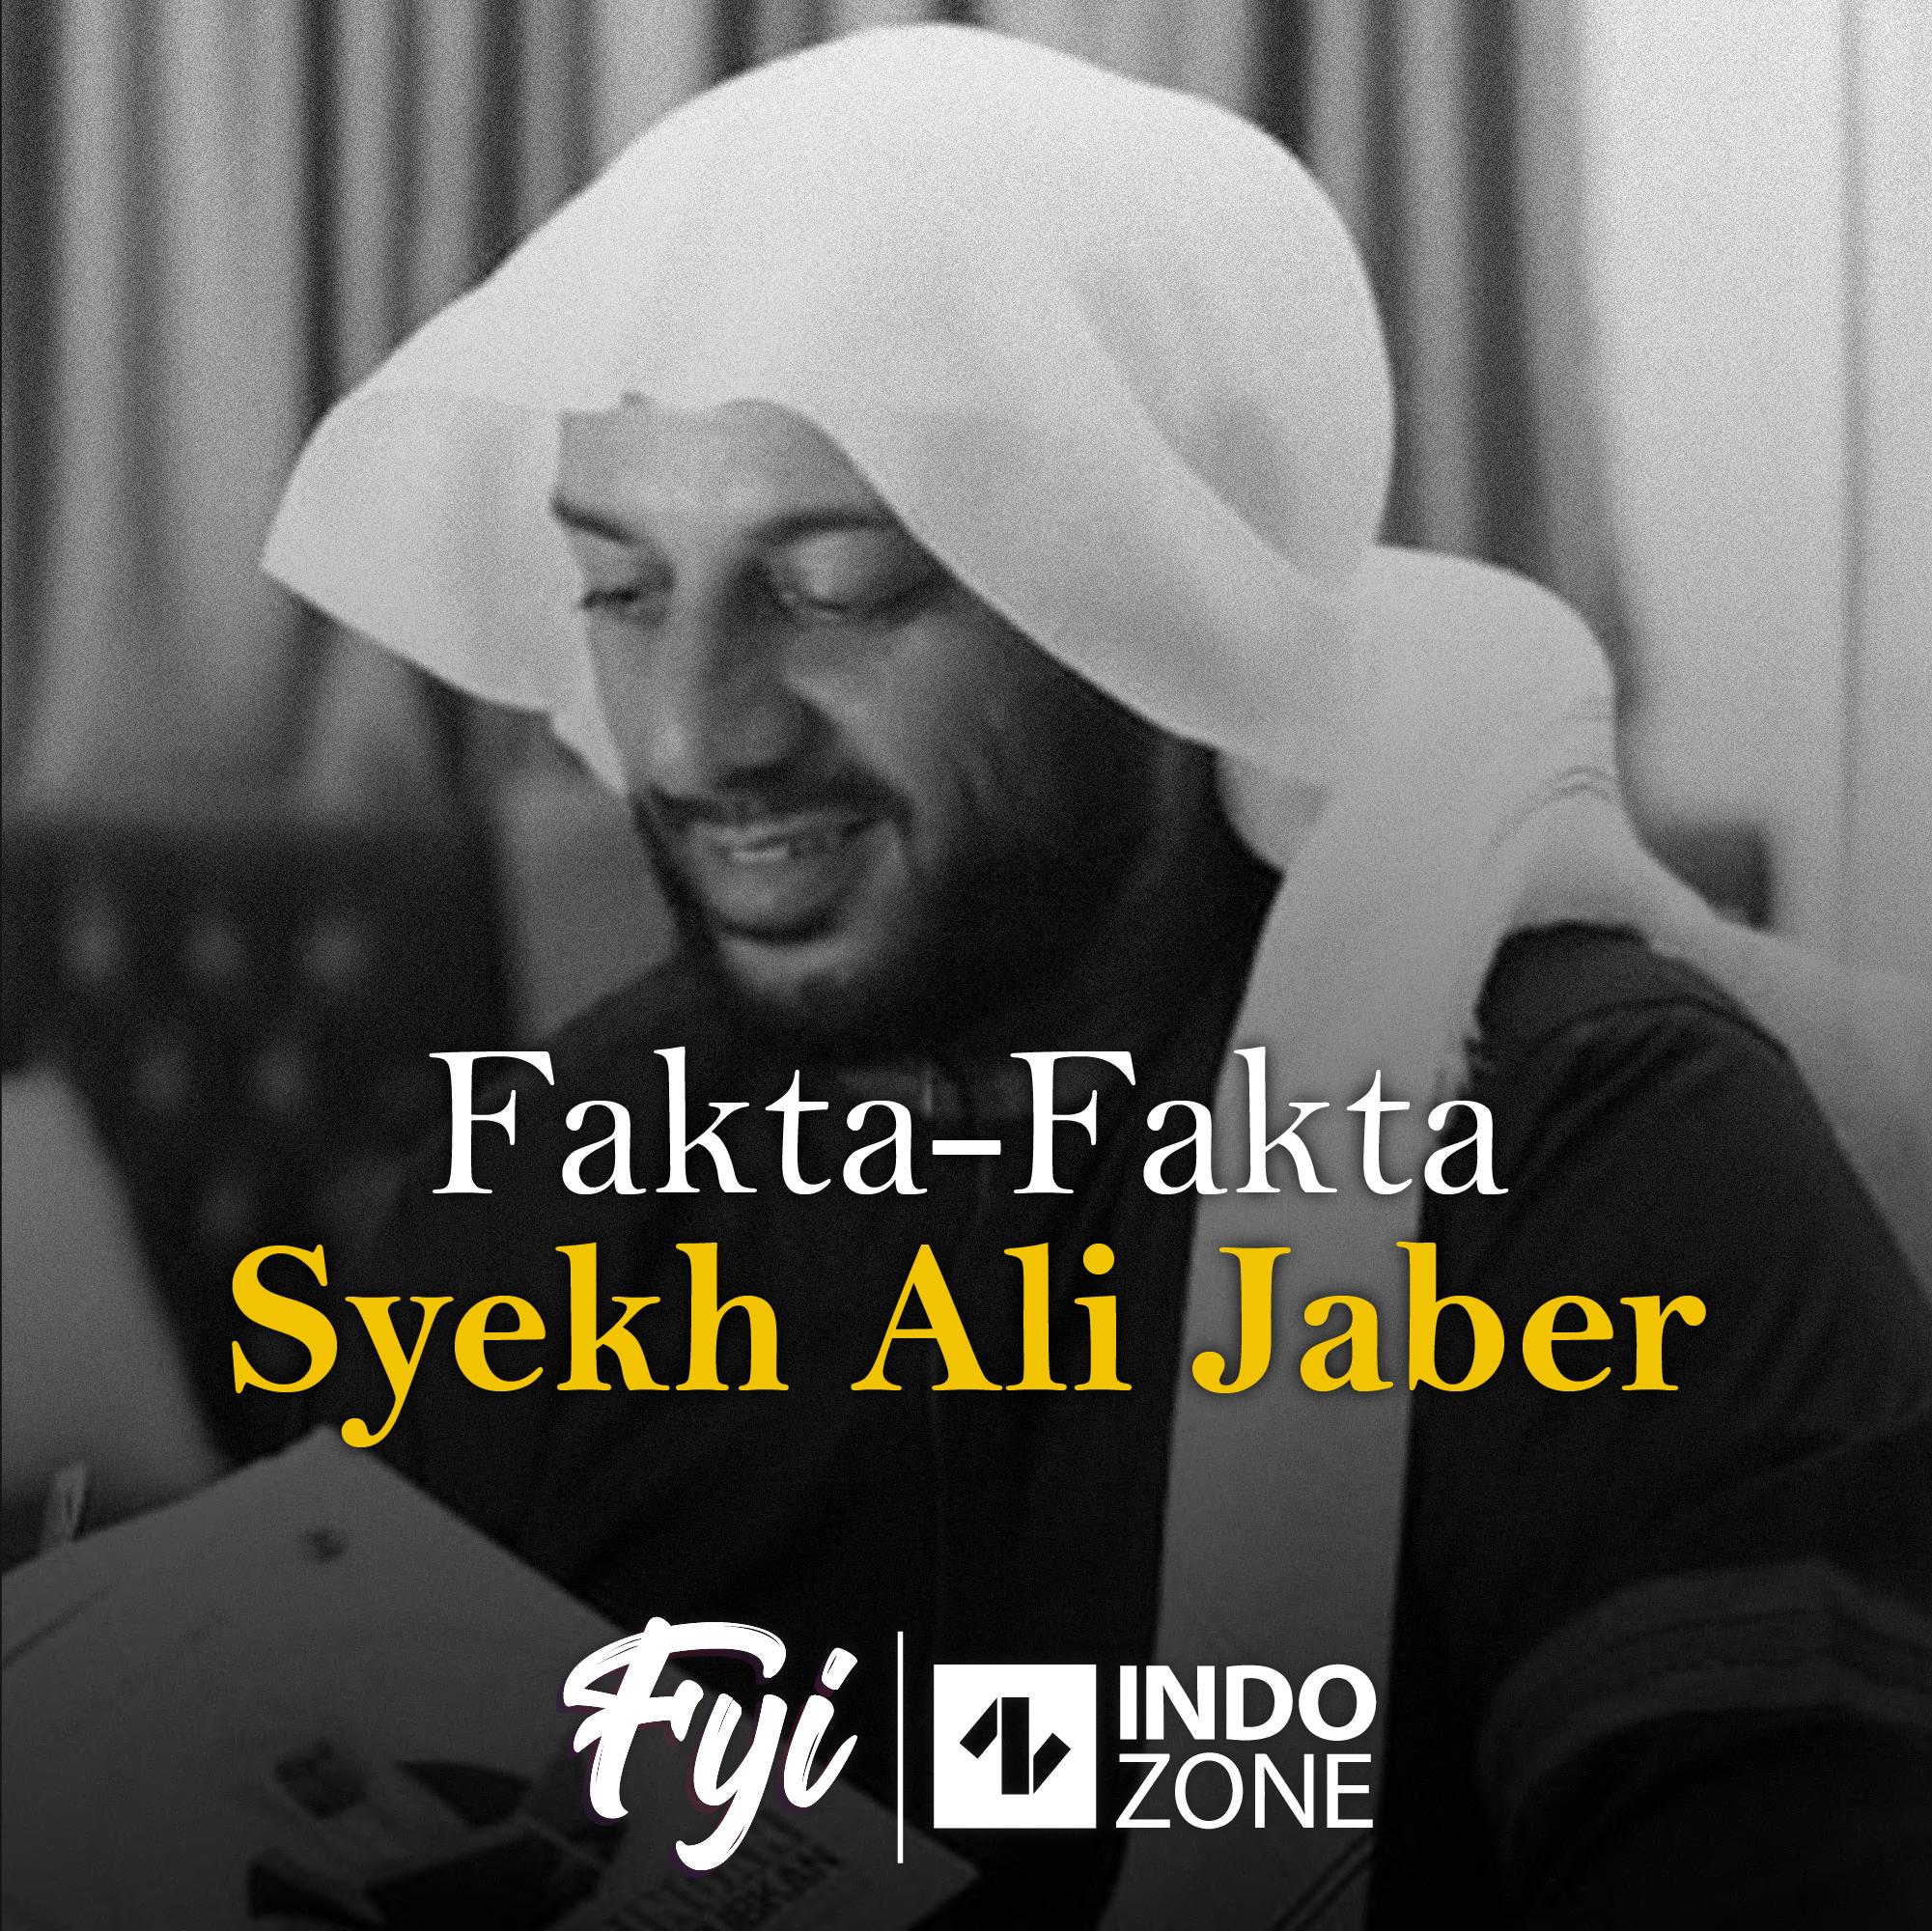 Fakta-Fakta Syekh Ali Jaber